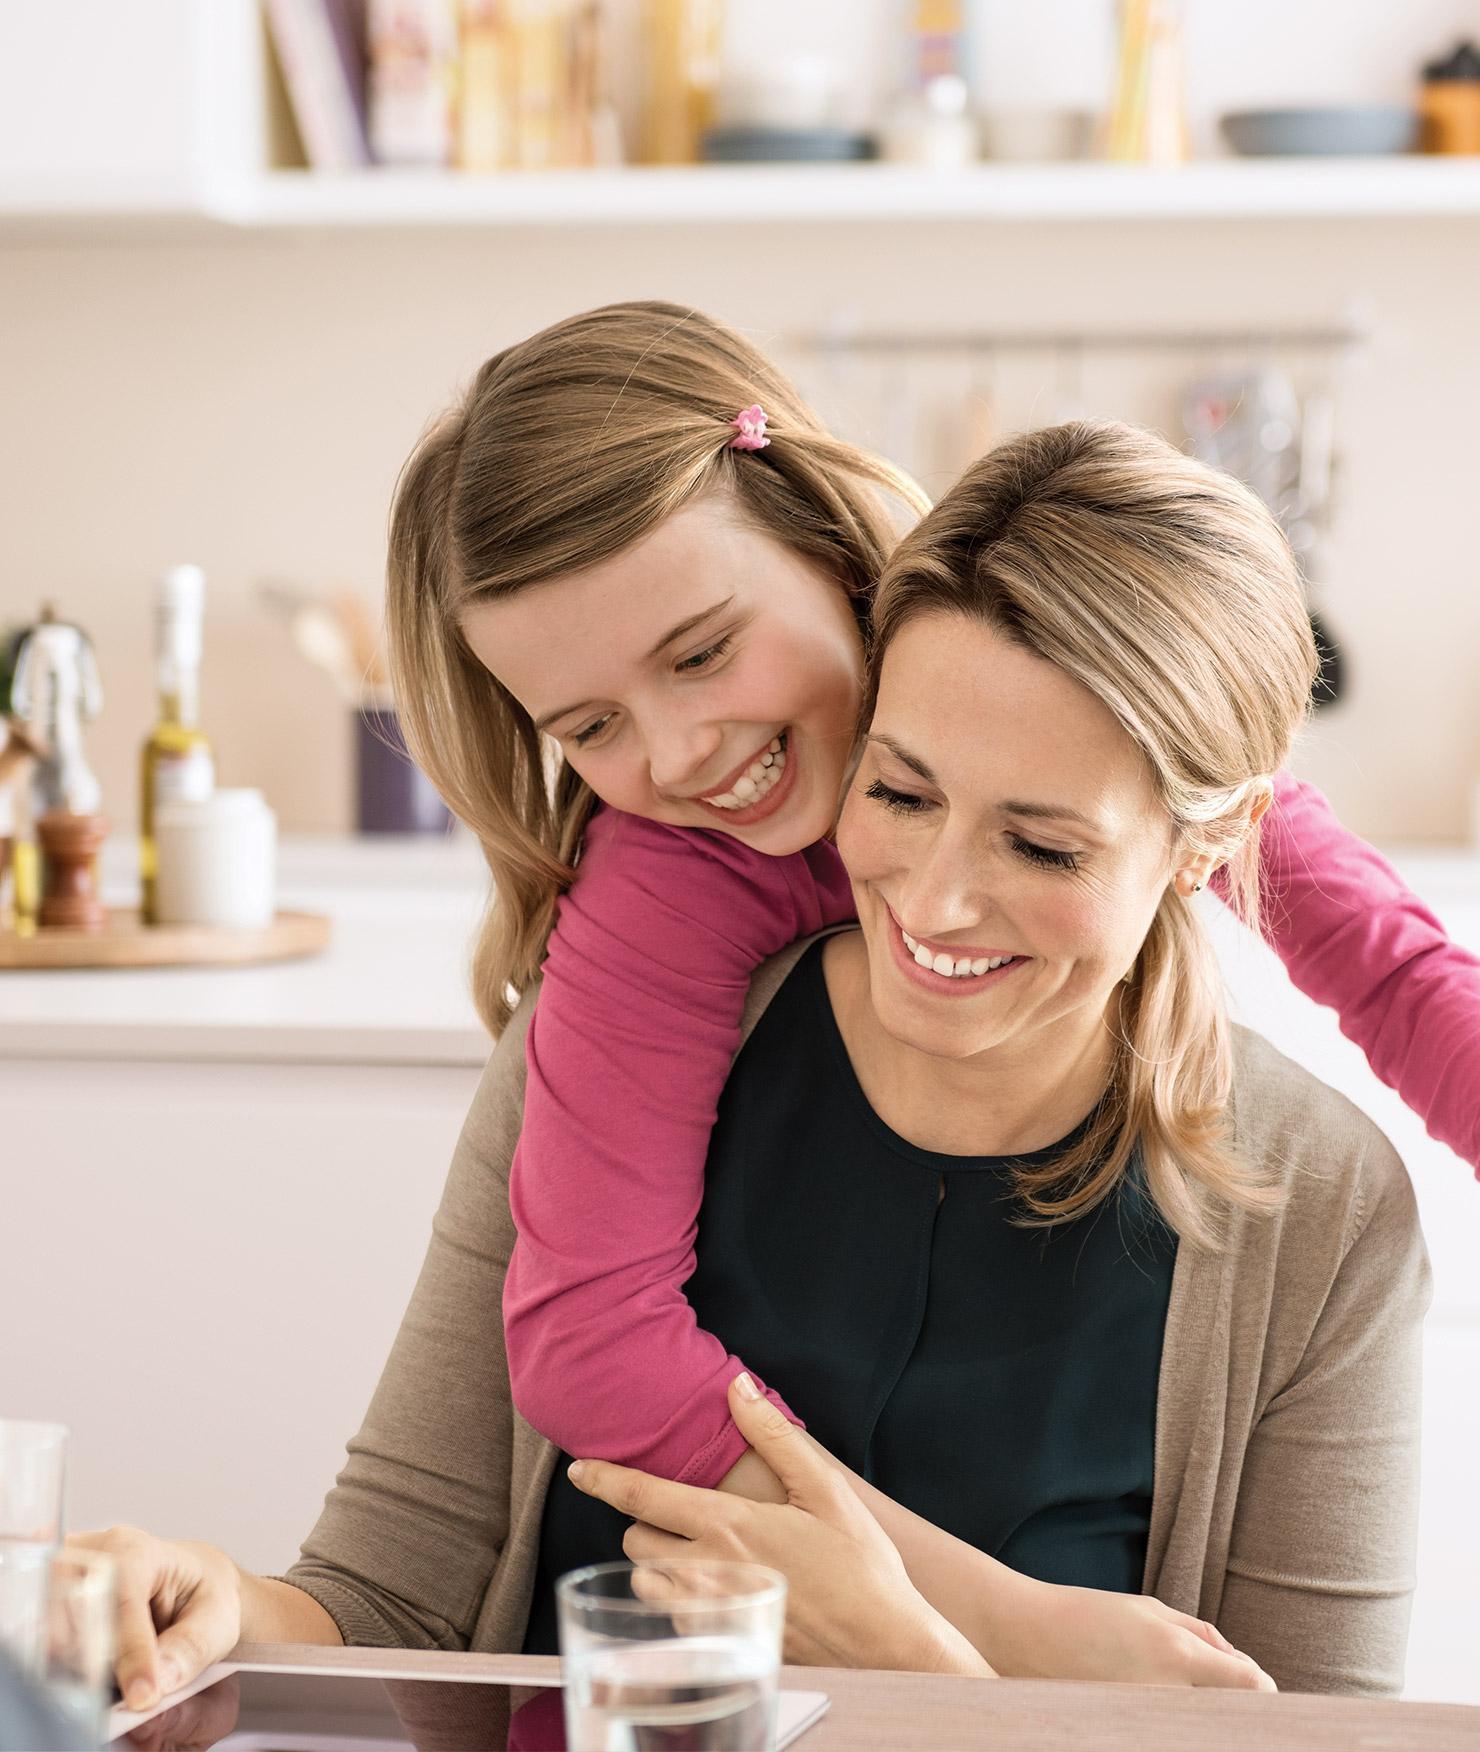 廚房裡的幸福母女。